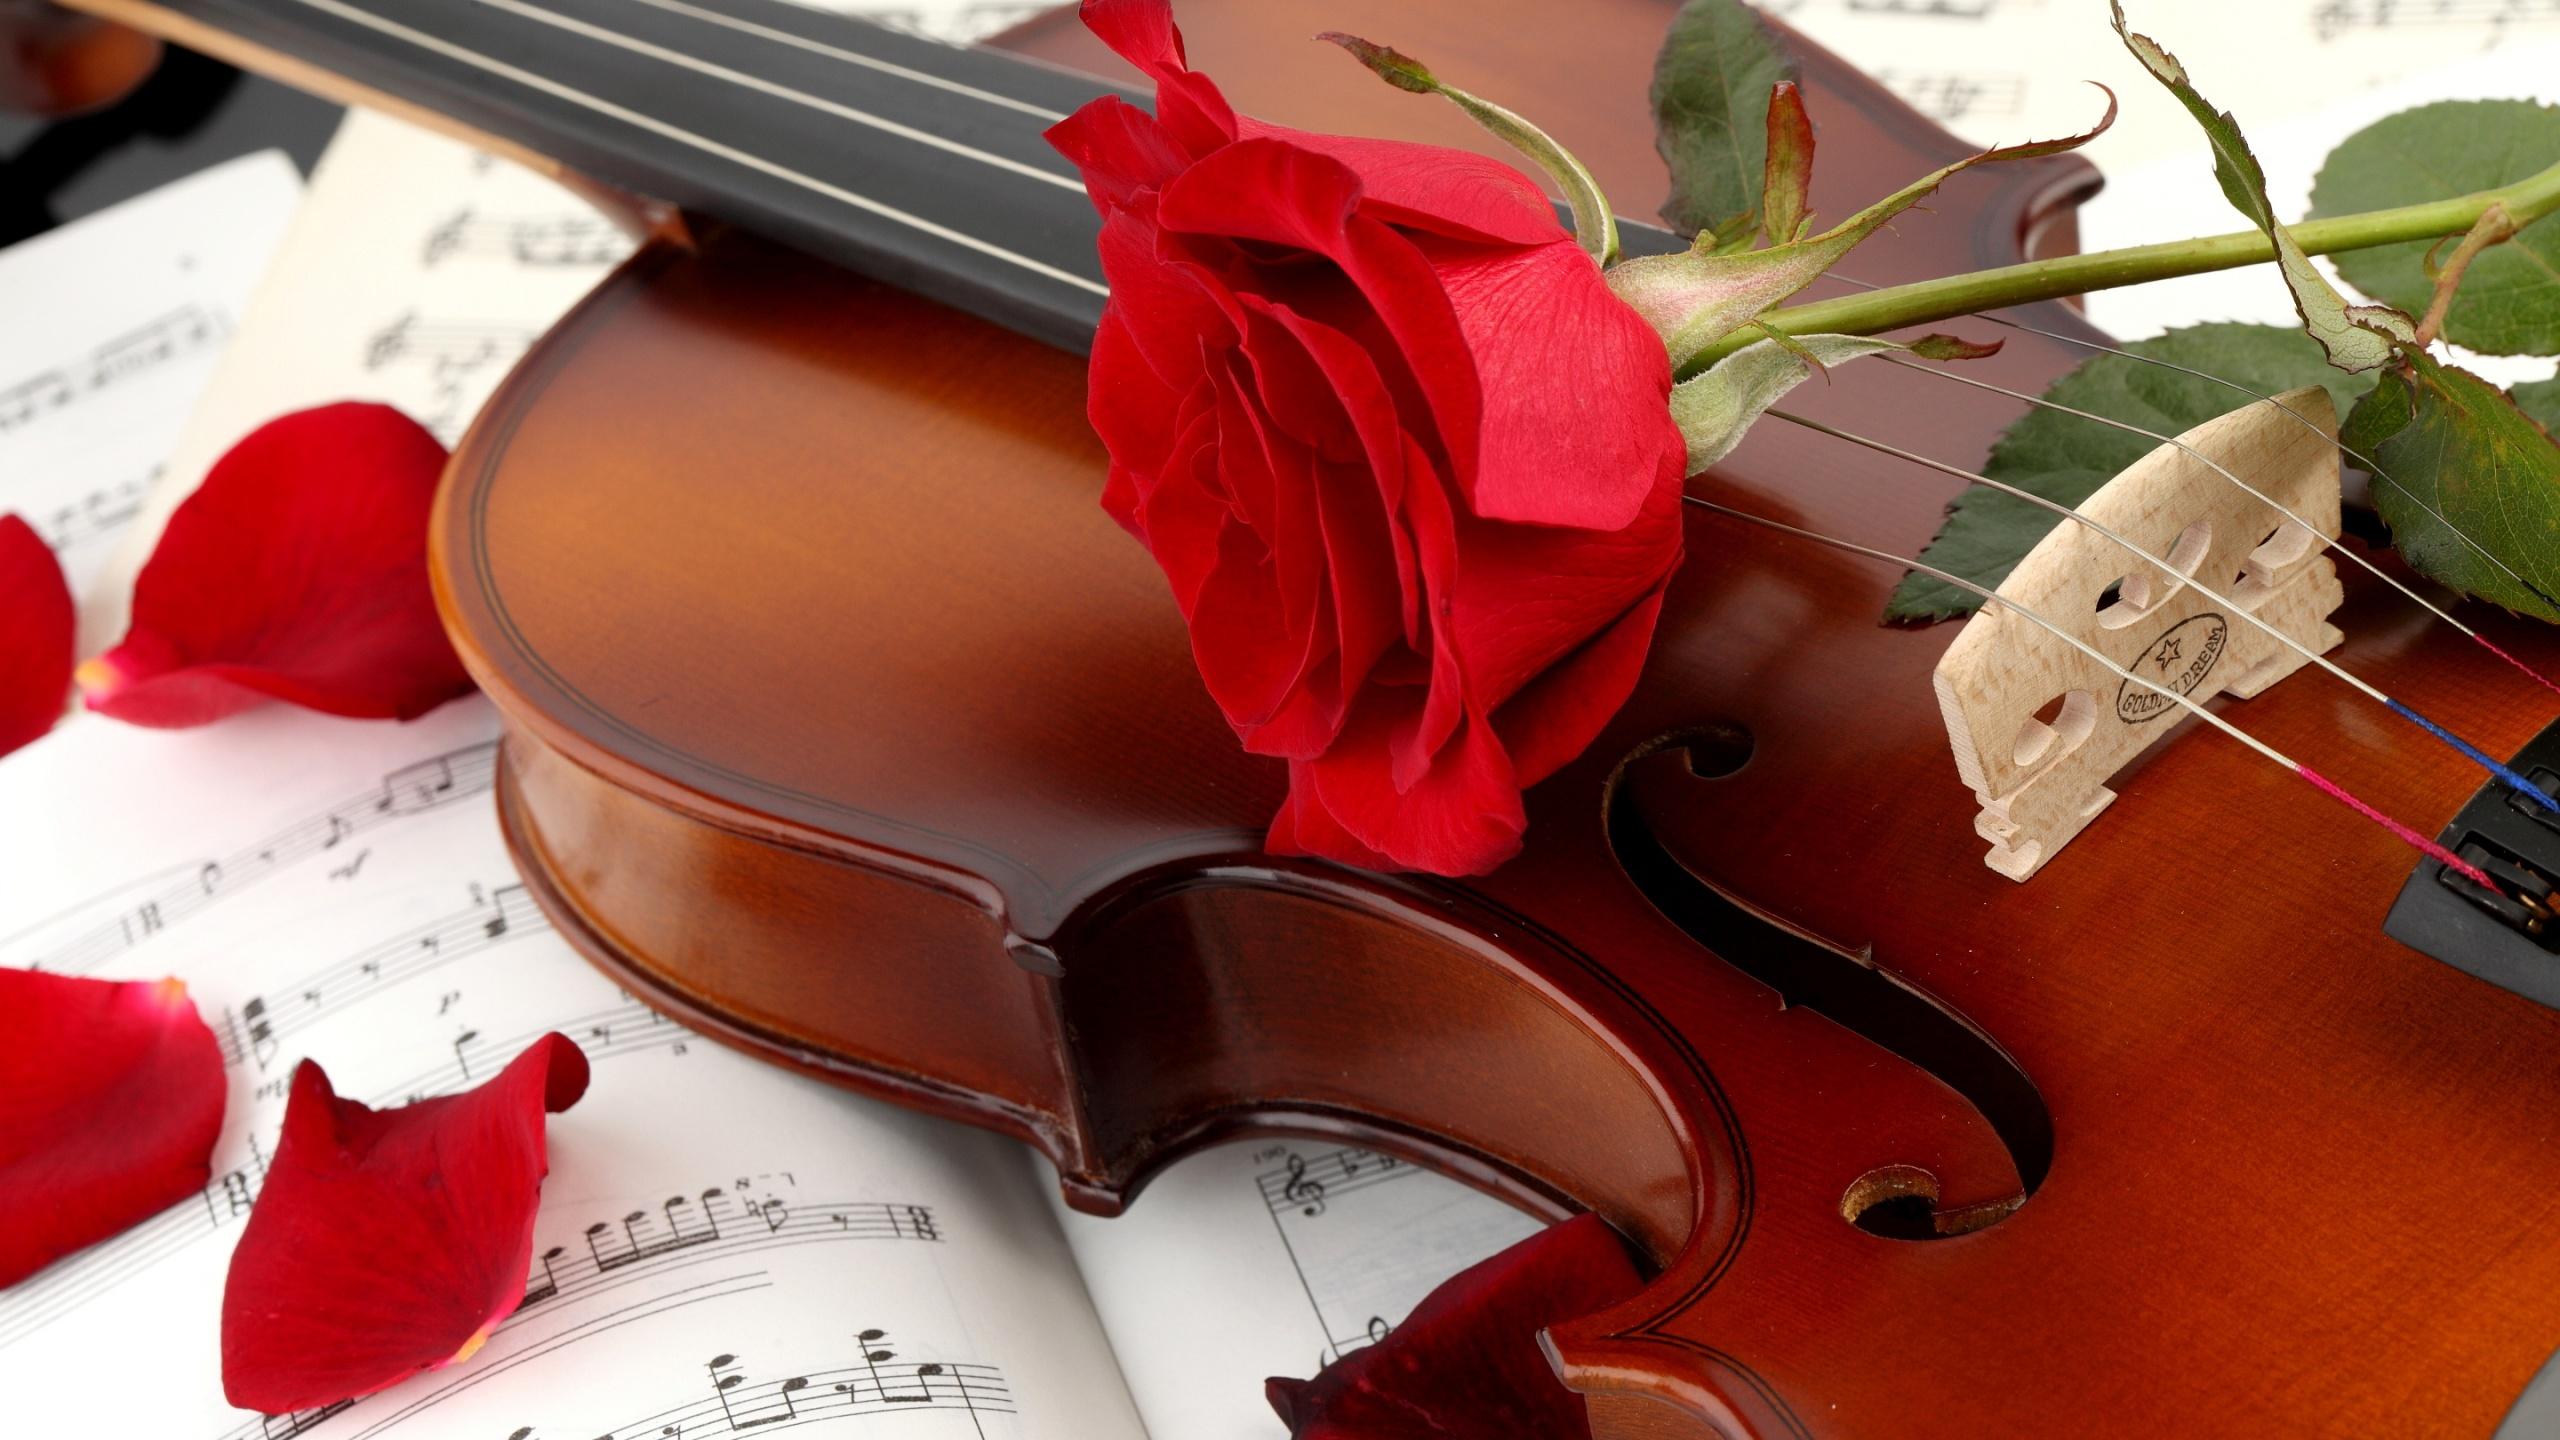 Lovely Red Rose HD Wallpaper